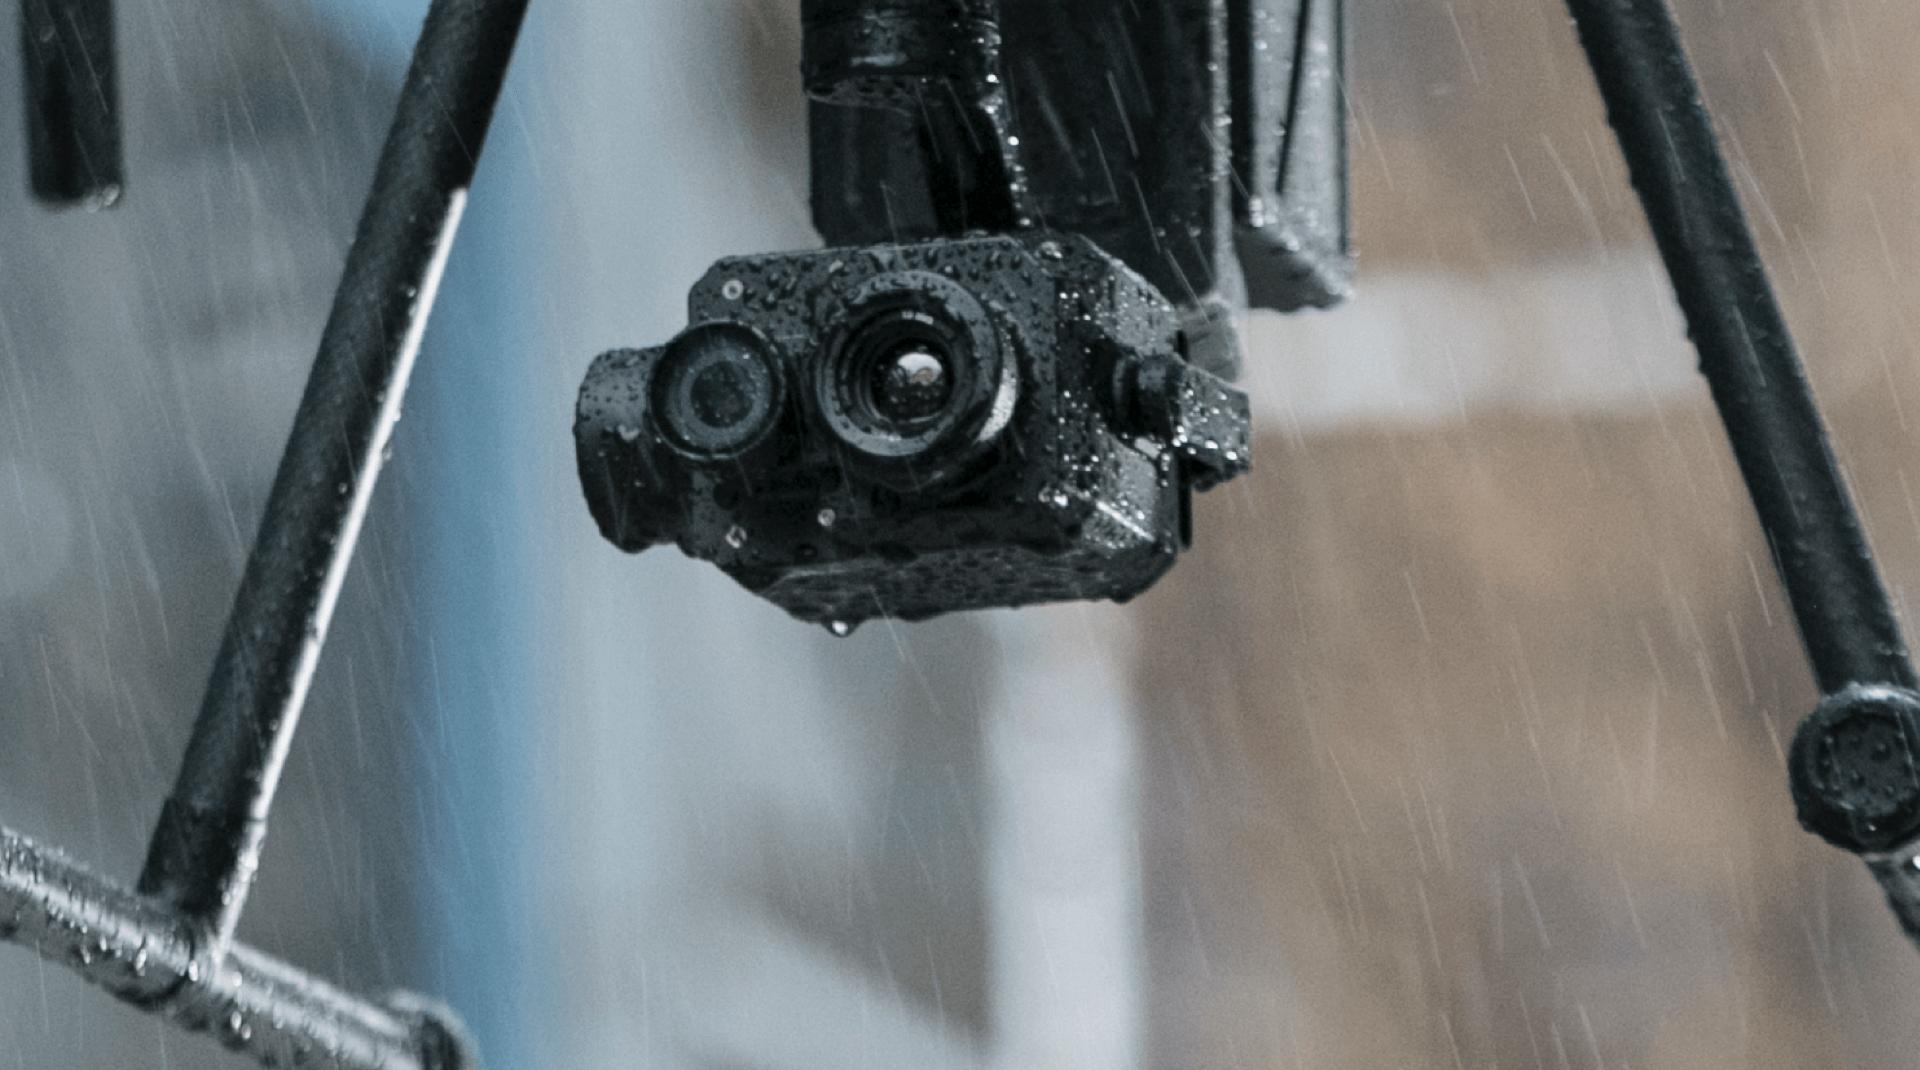 DJI Zenmuse XT2 : une nouvelle caméra thermique impressionnante pour drones